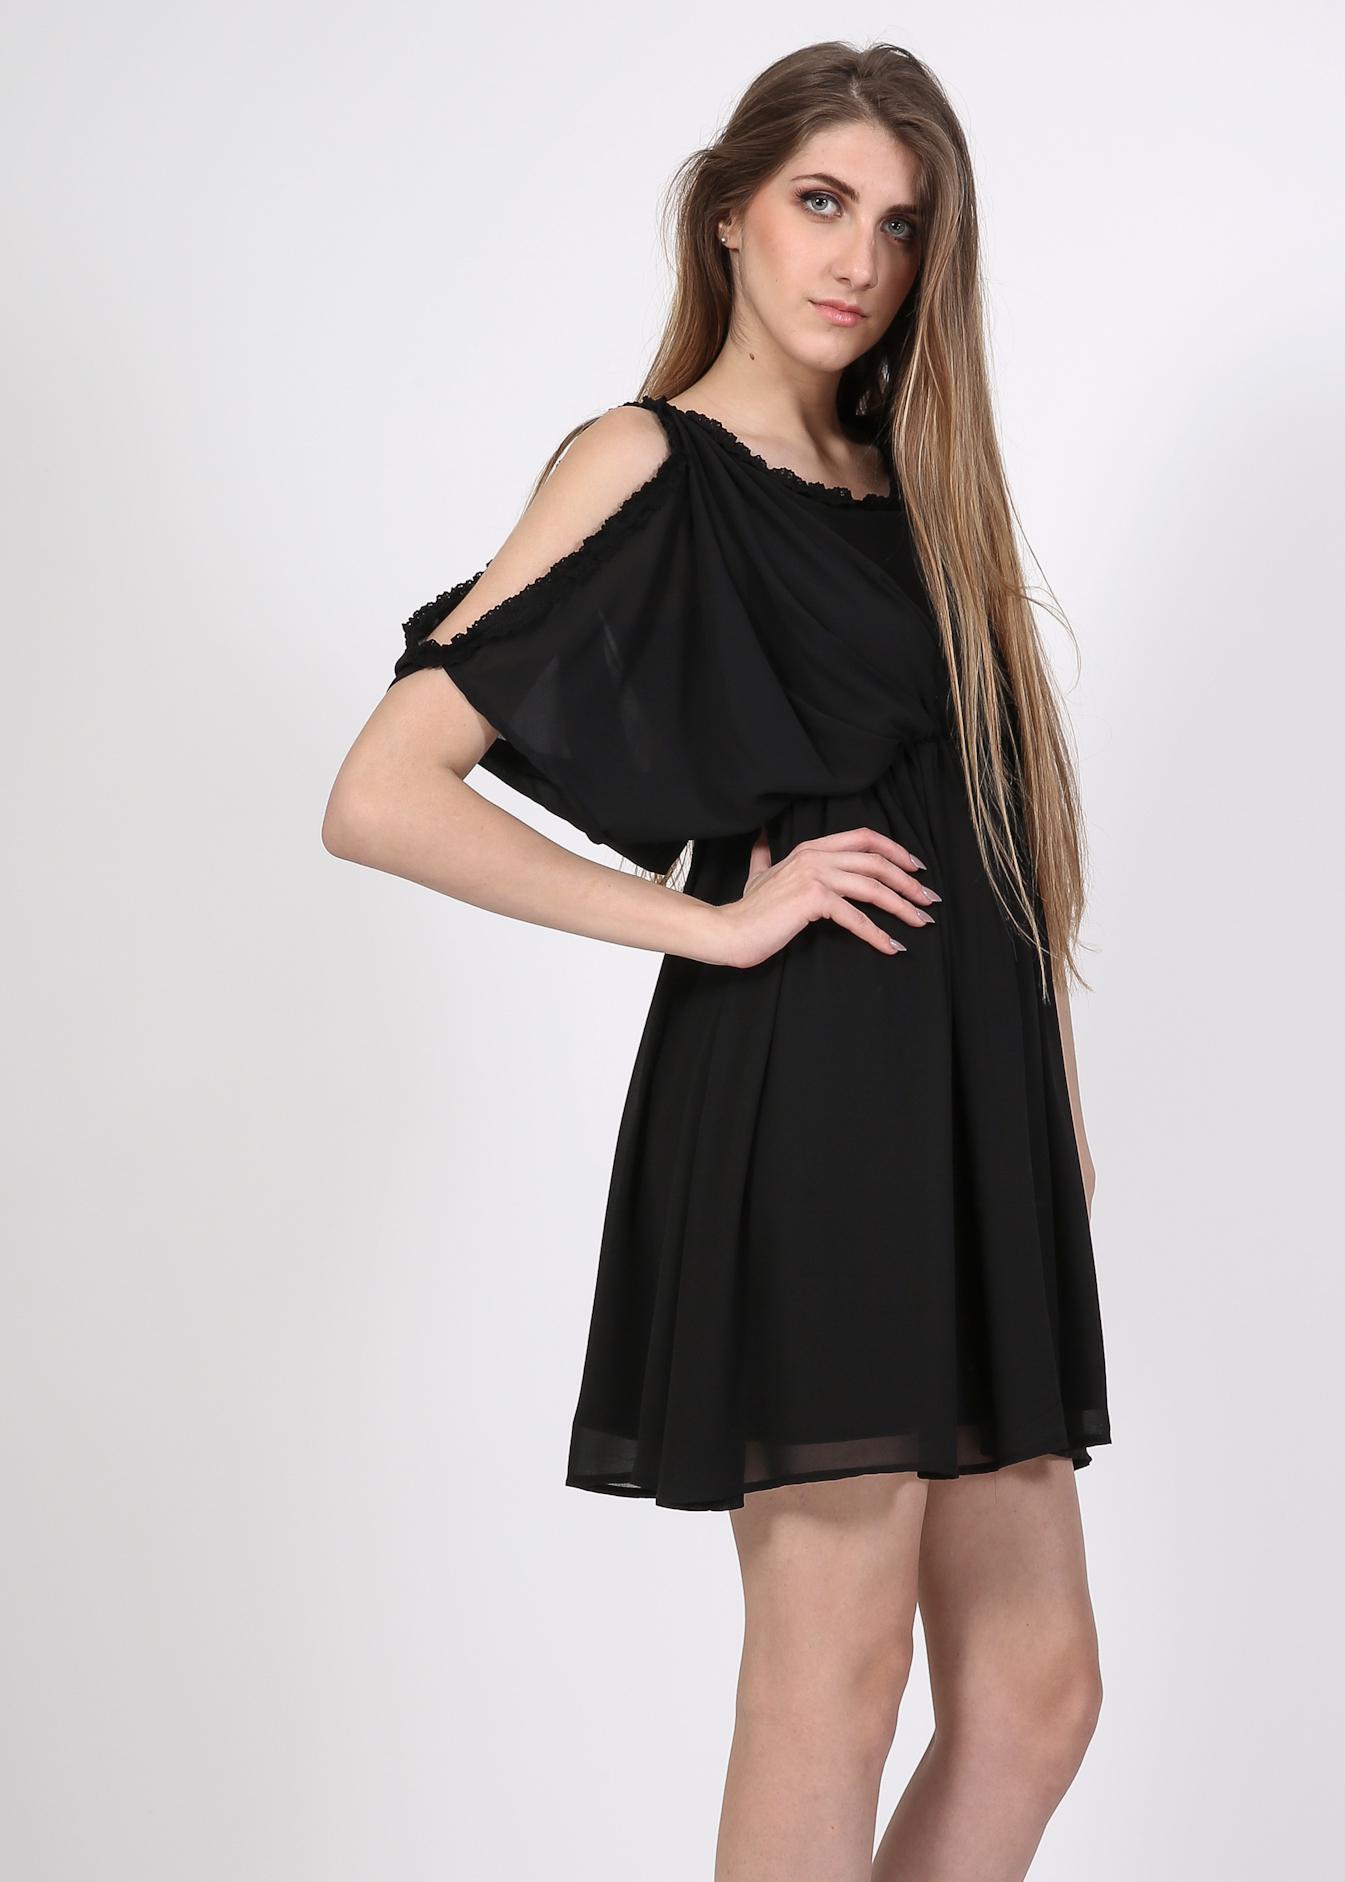 Bianca off shoulder skater φόρεμα, μαύρο ρούχα